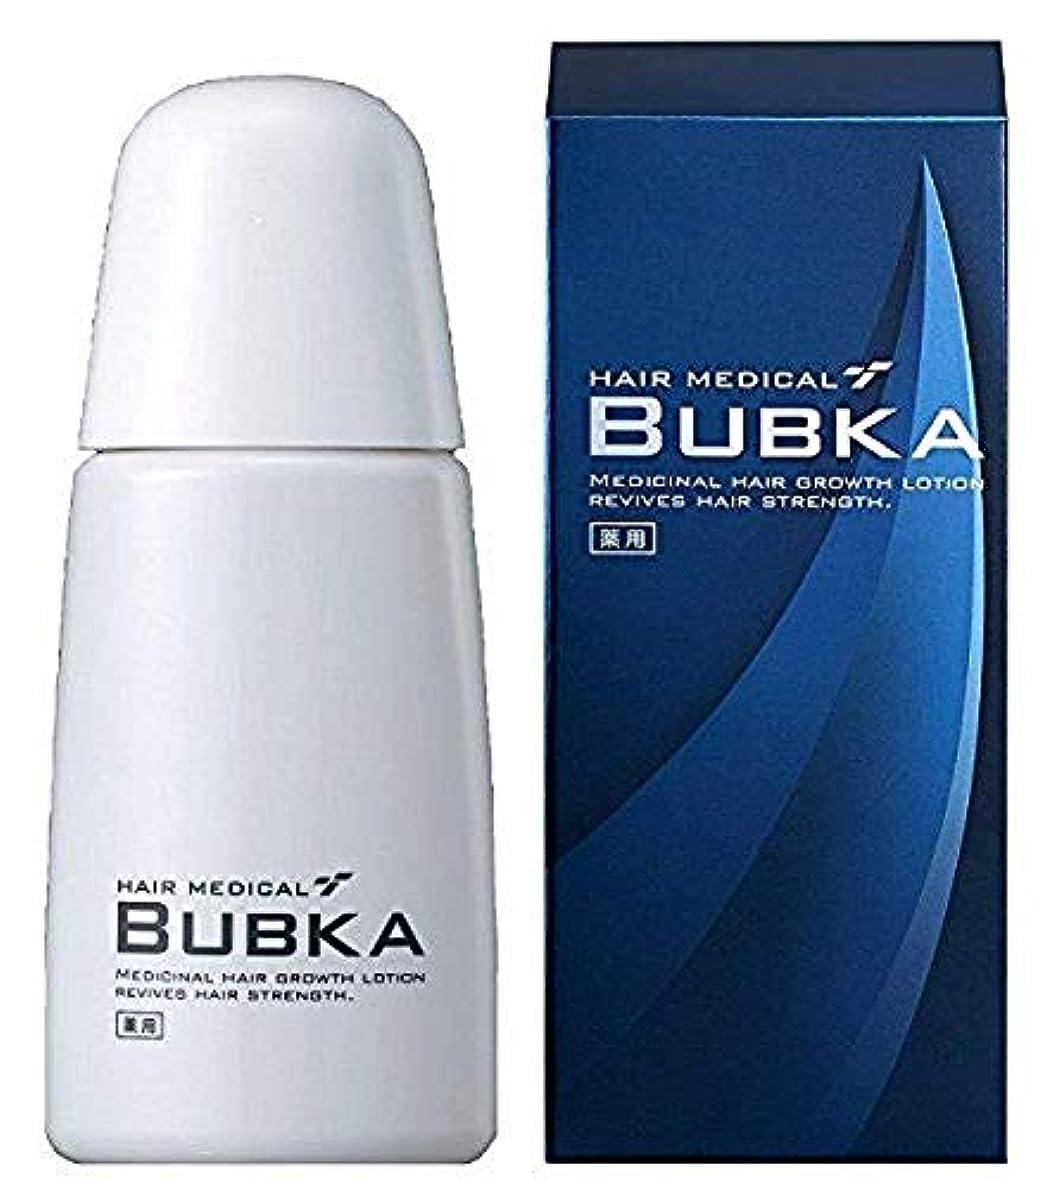 自分処分した生まれ【BUBKA ブブカ 】新型 濃密育毛剤 ブブカ-003M (内容量:120ml 約1ヶ月分)(医薬部外品)